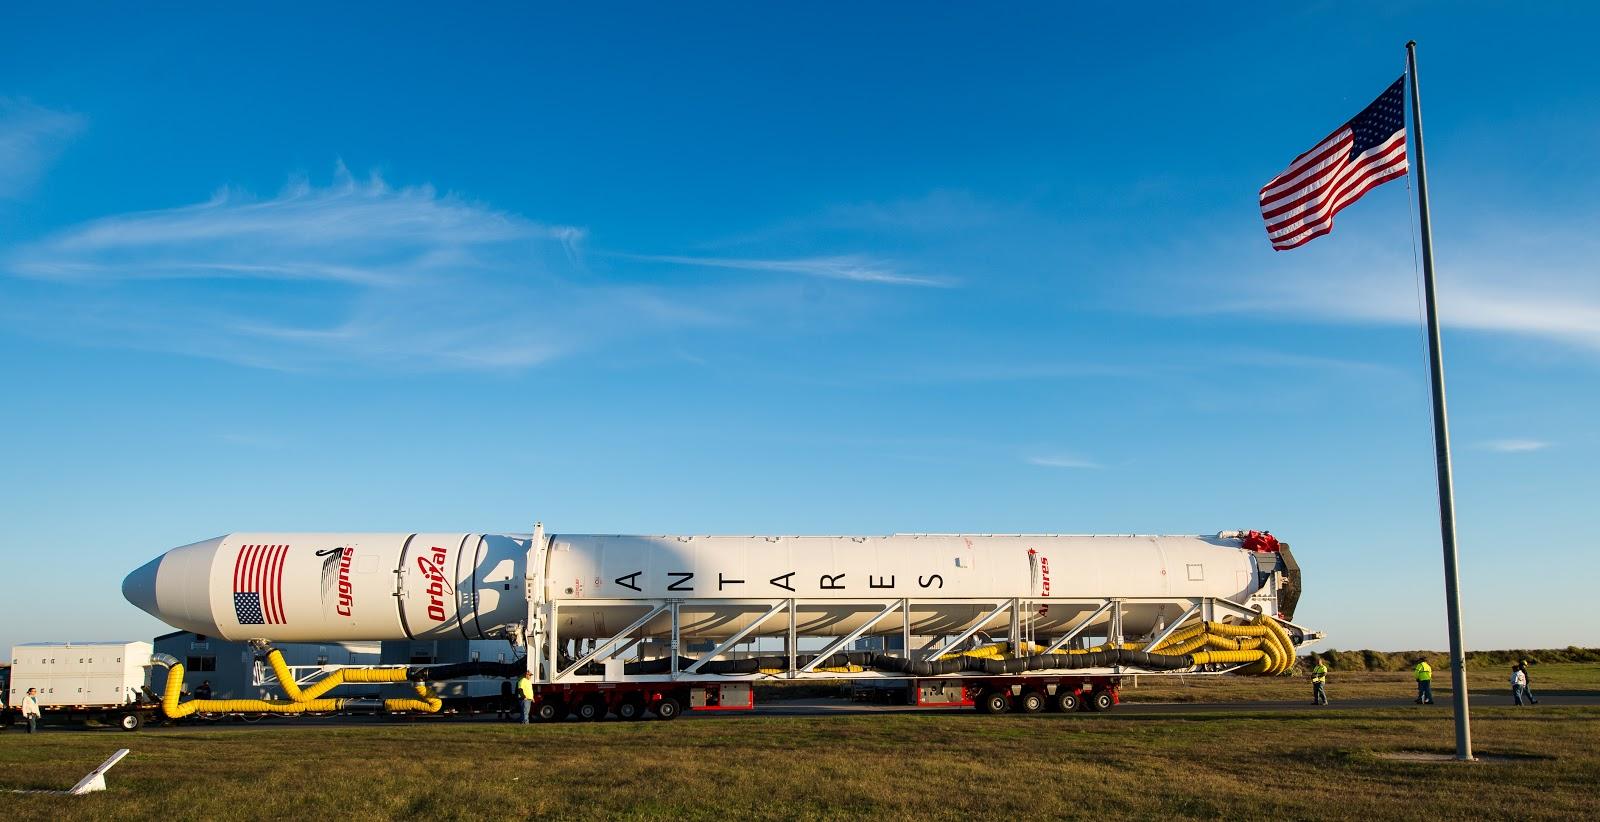 Chuẩn bị cho chuyến bay vào ngày 24/10/2014. Bản quyền hình ảnh : NASA/Joel Kowsky.